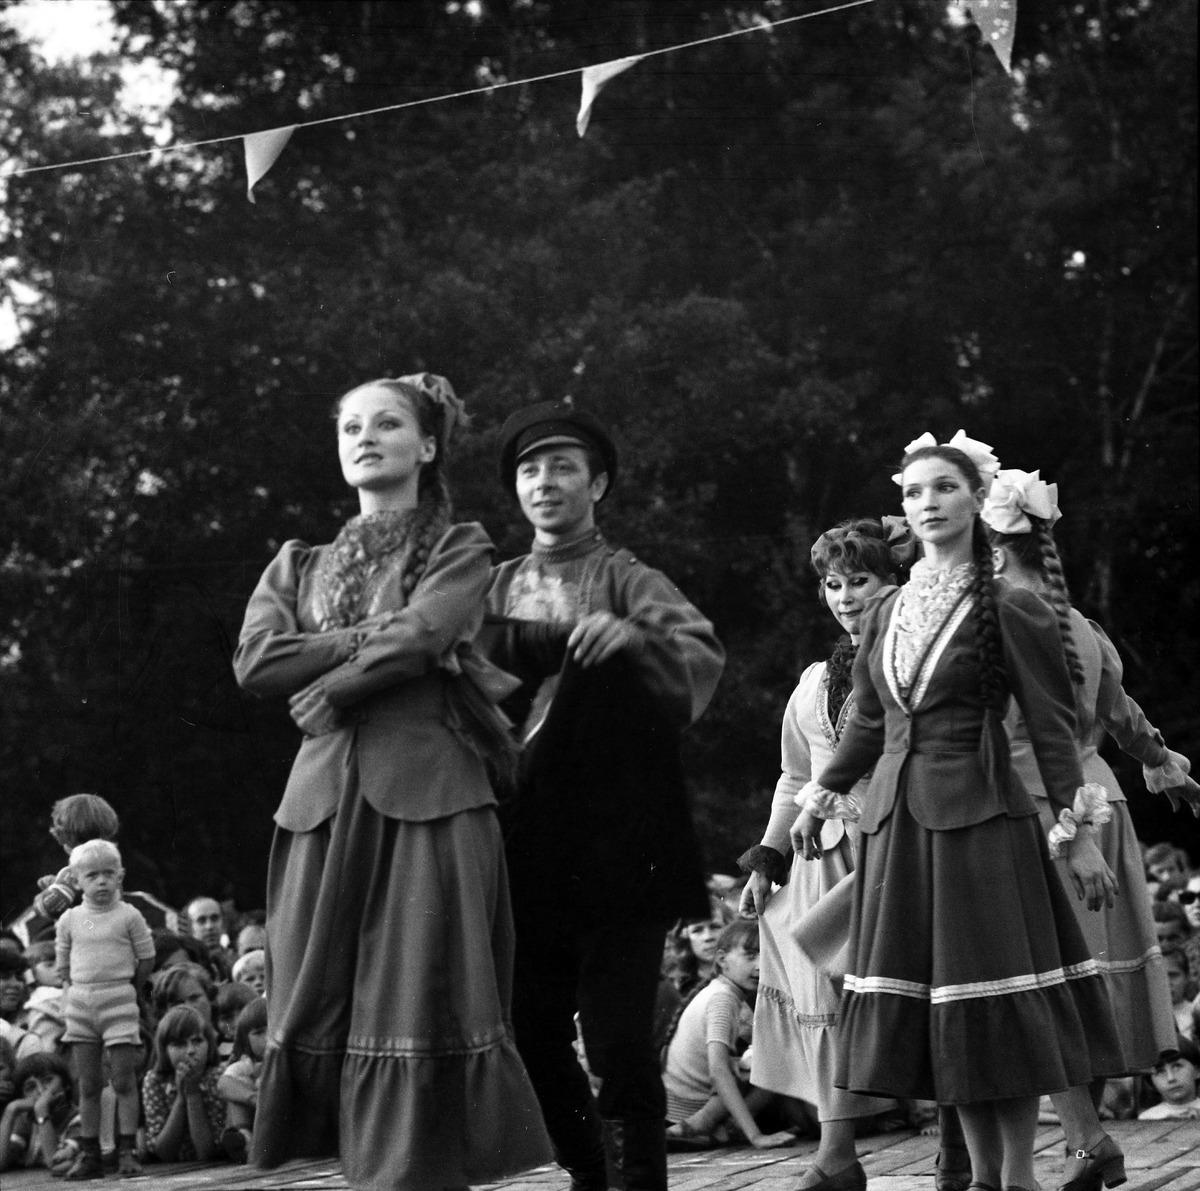 Zespół Pieśni i Tańca Armii Radzieckiej [2]